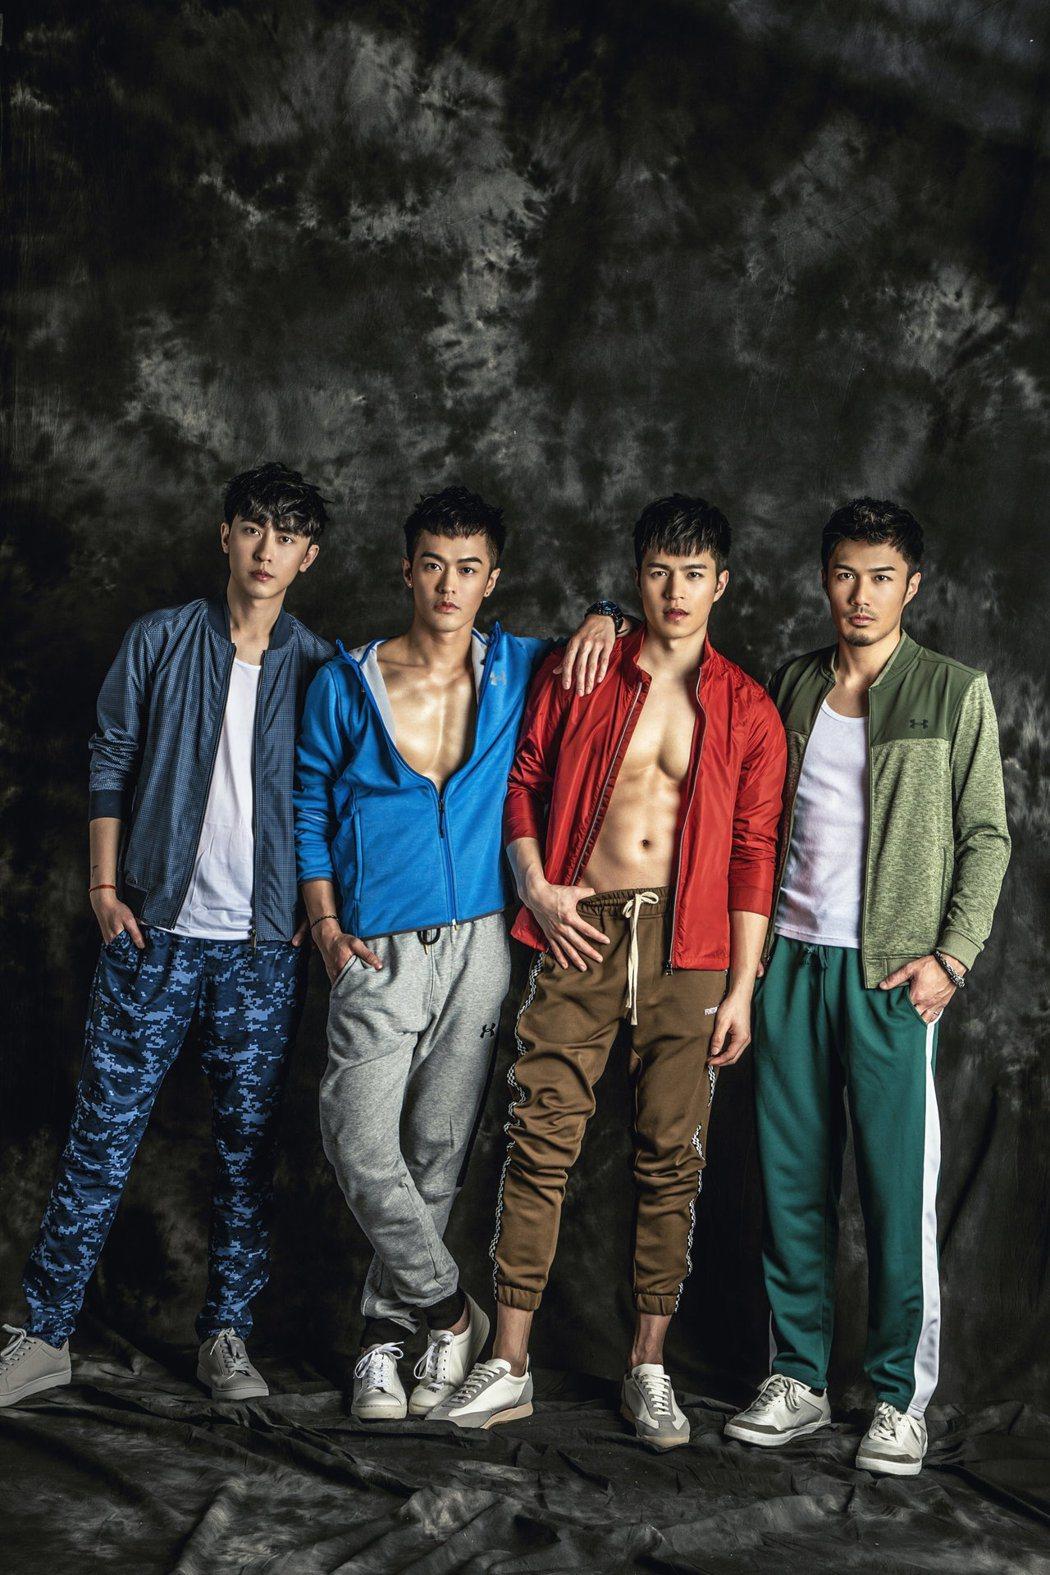 由(左起)盧煥剛、鄭喬意、陳奕廷、潘睿睿組成的M4,出專輯前就各自擁有眾多的網粉...